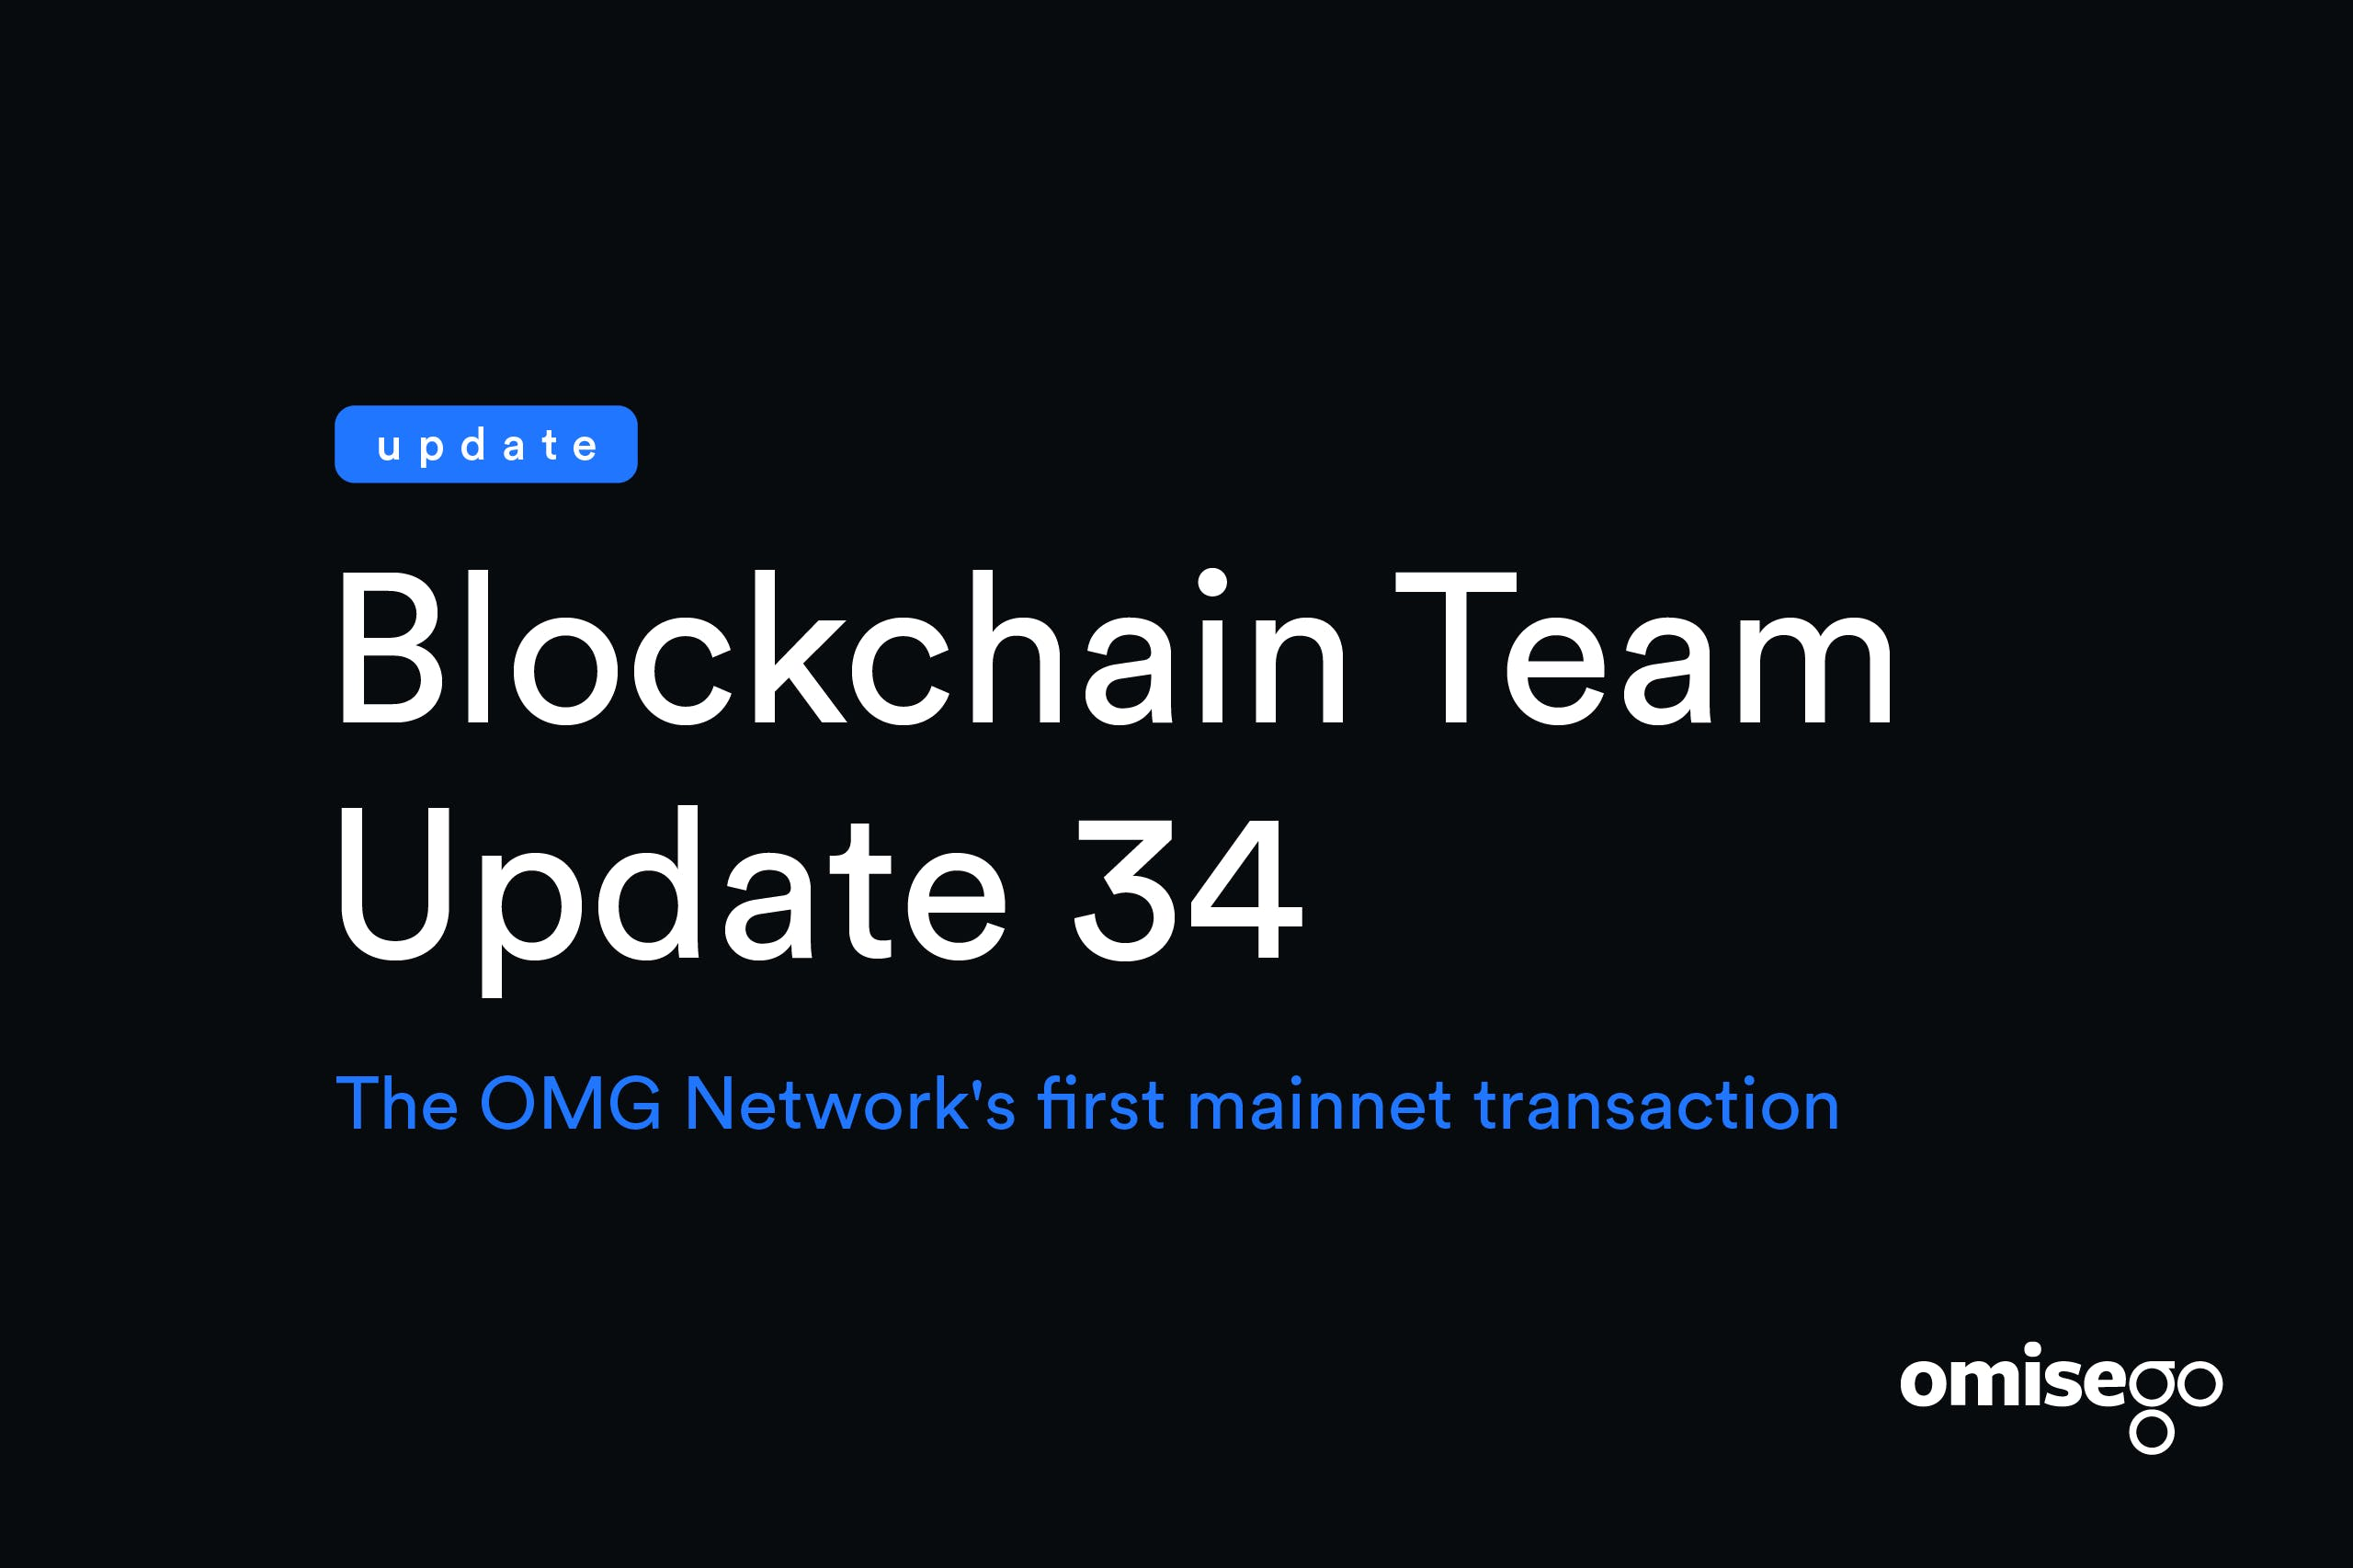 Après 34 mois de développement, Omisego a effectué sa première transaction sur mainnet